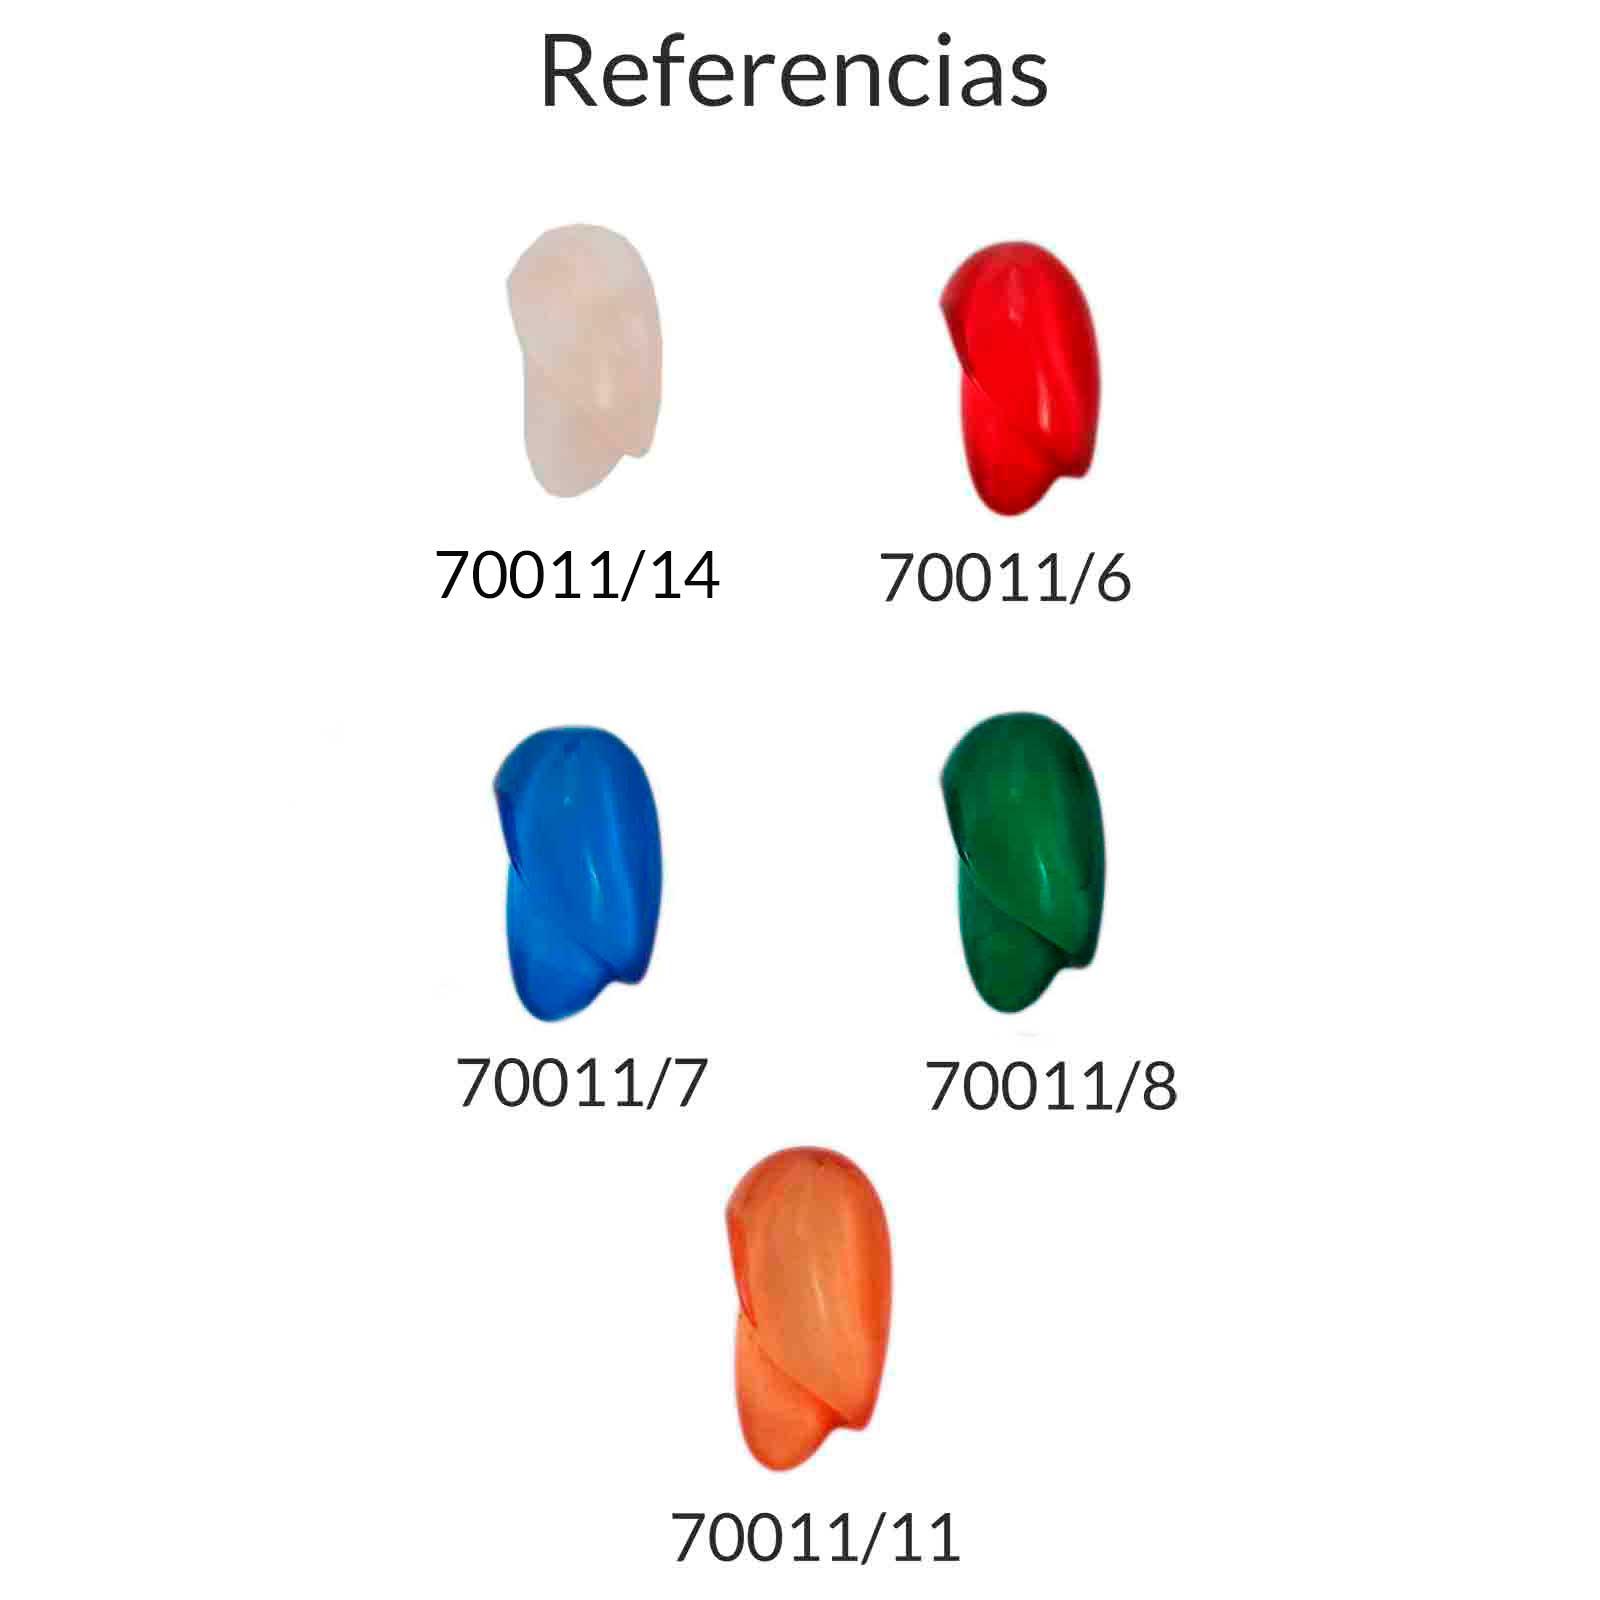 Resina ovalada irregular para complementar - Bolsa de 5 uds  Tamaño aproximado 25X12 mm